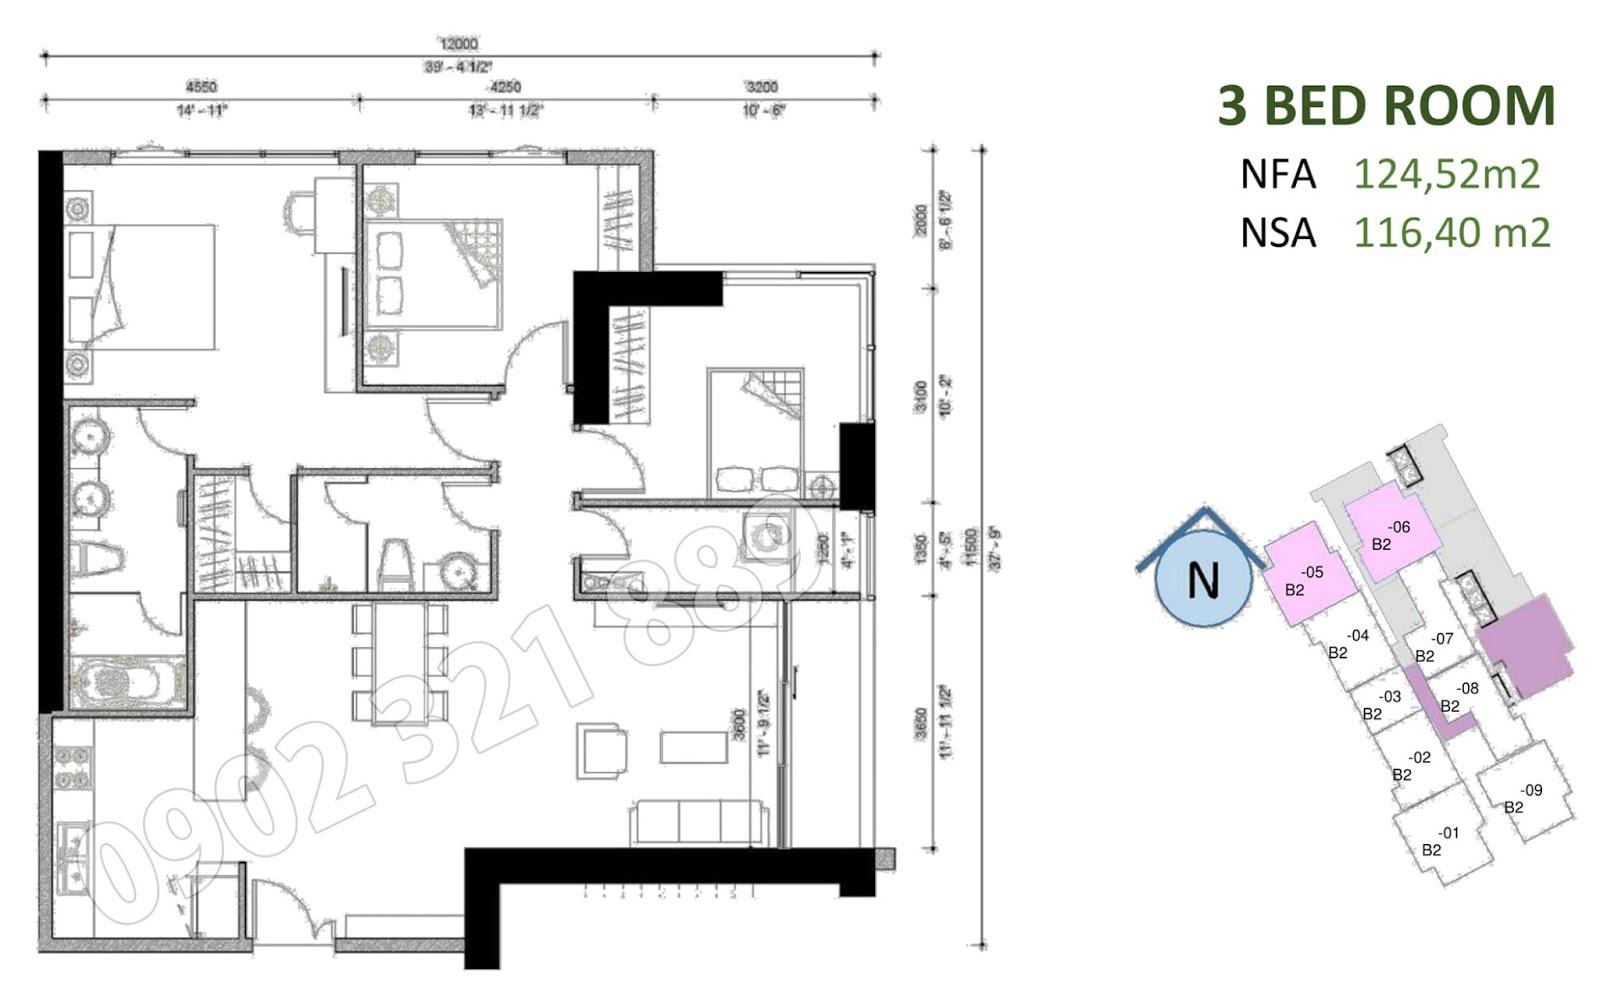 mặt bằng căn hộ sunwah pearl 3 phòng ngủ B2-05 và B2-06